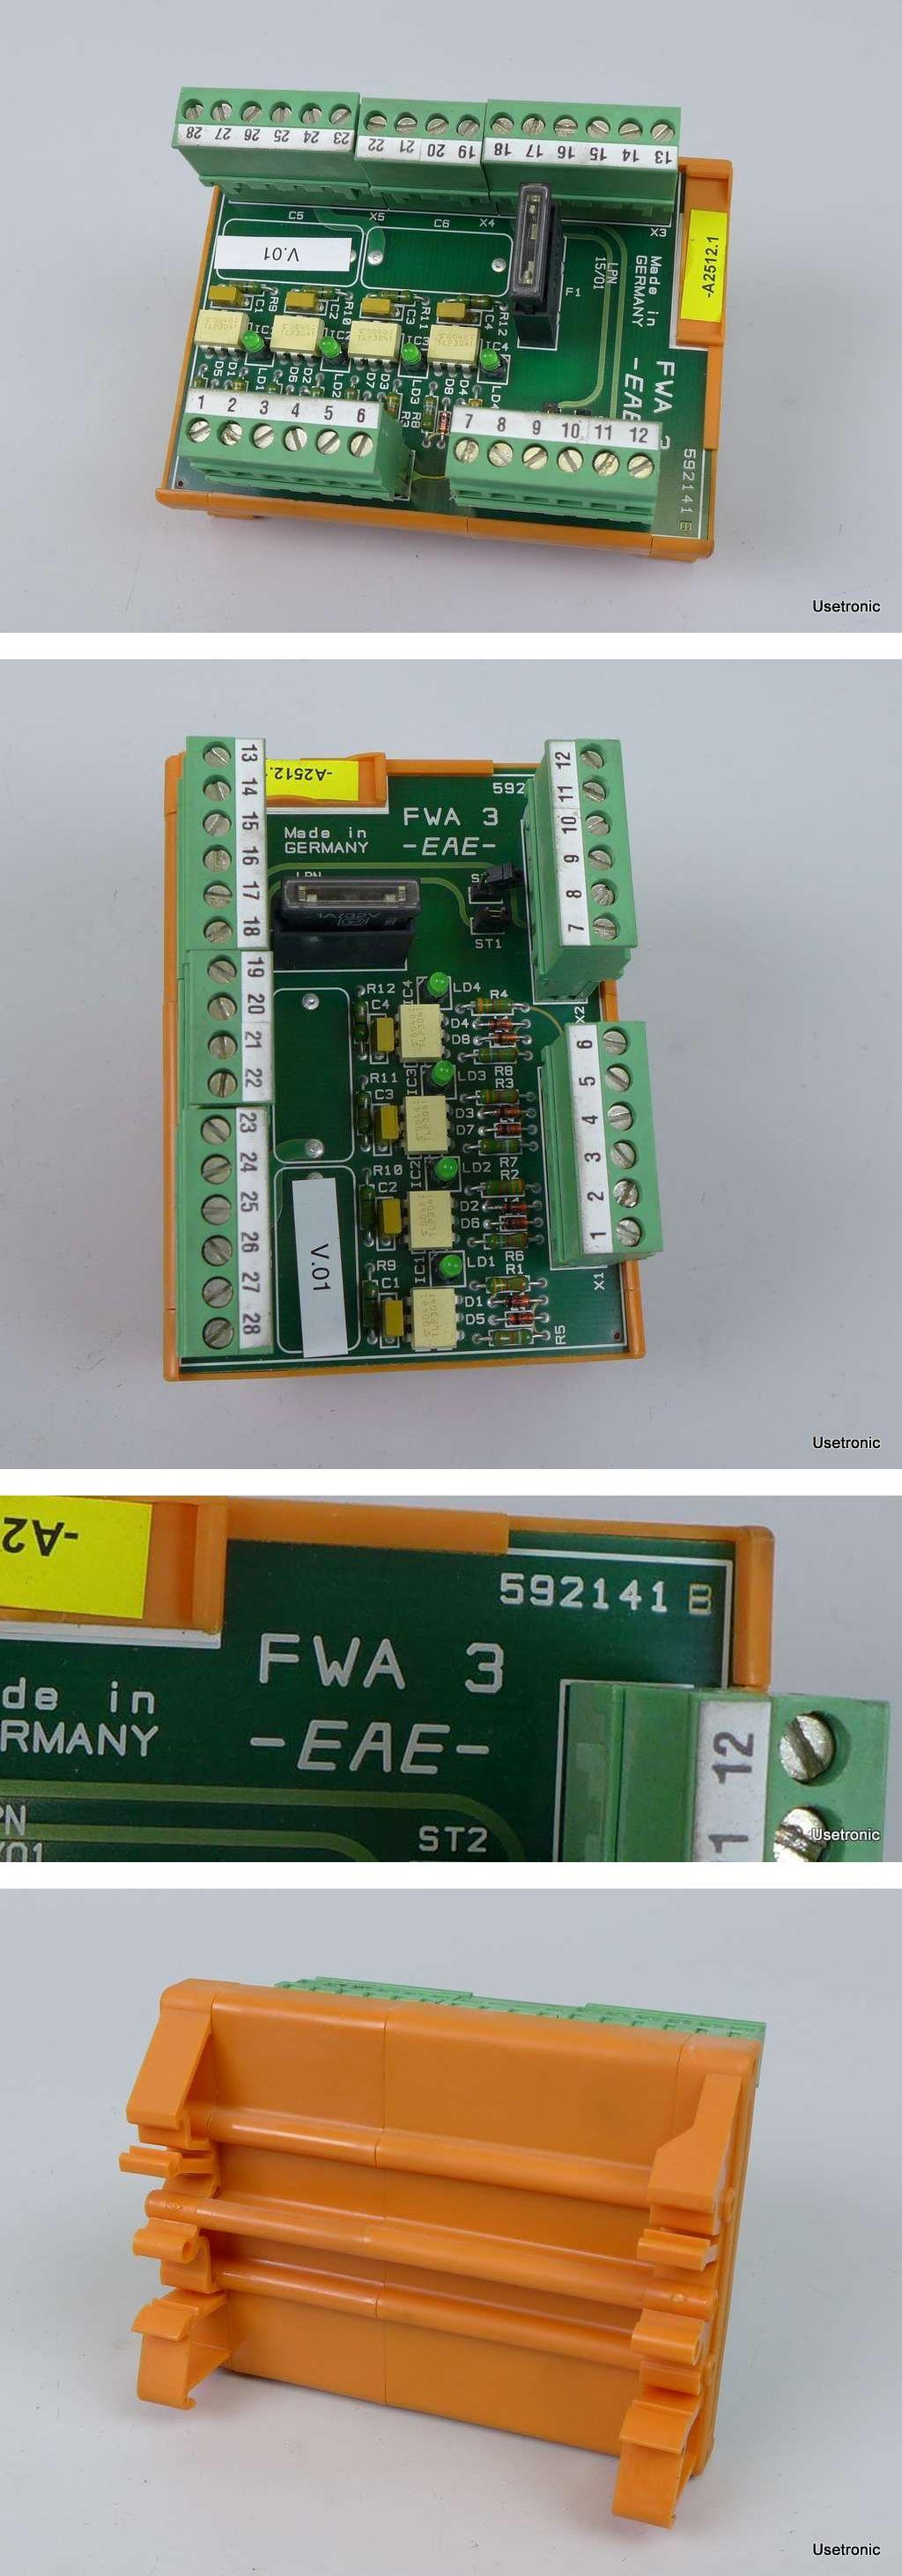 EAE FWA 3 592141